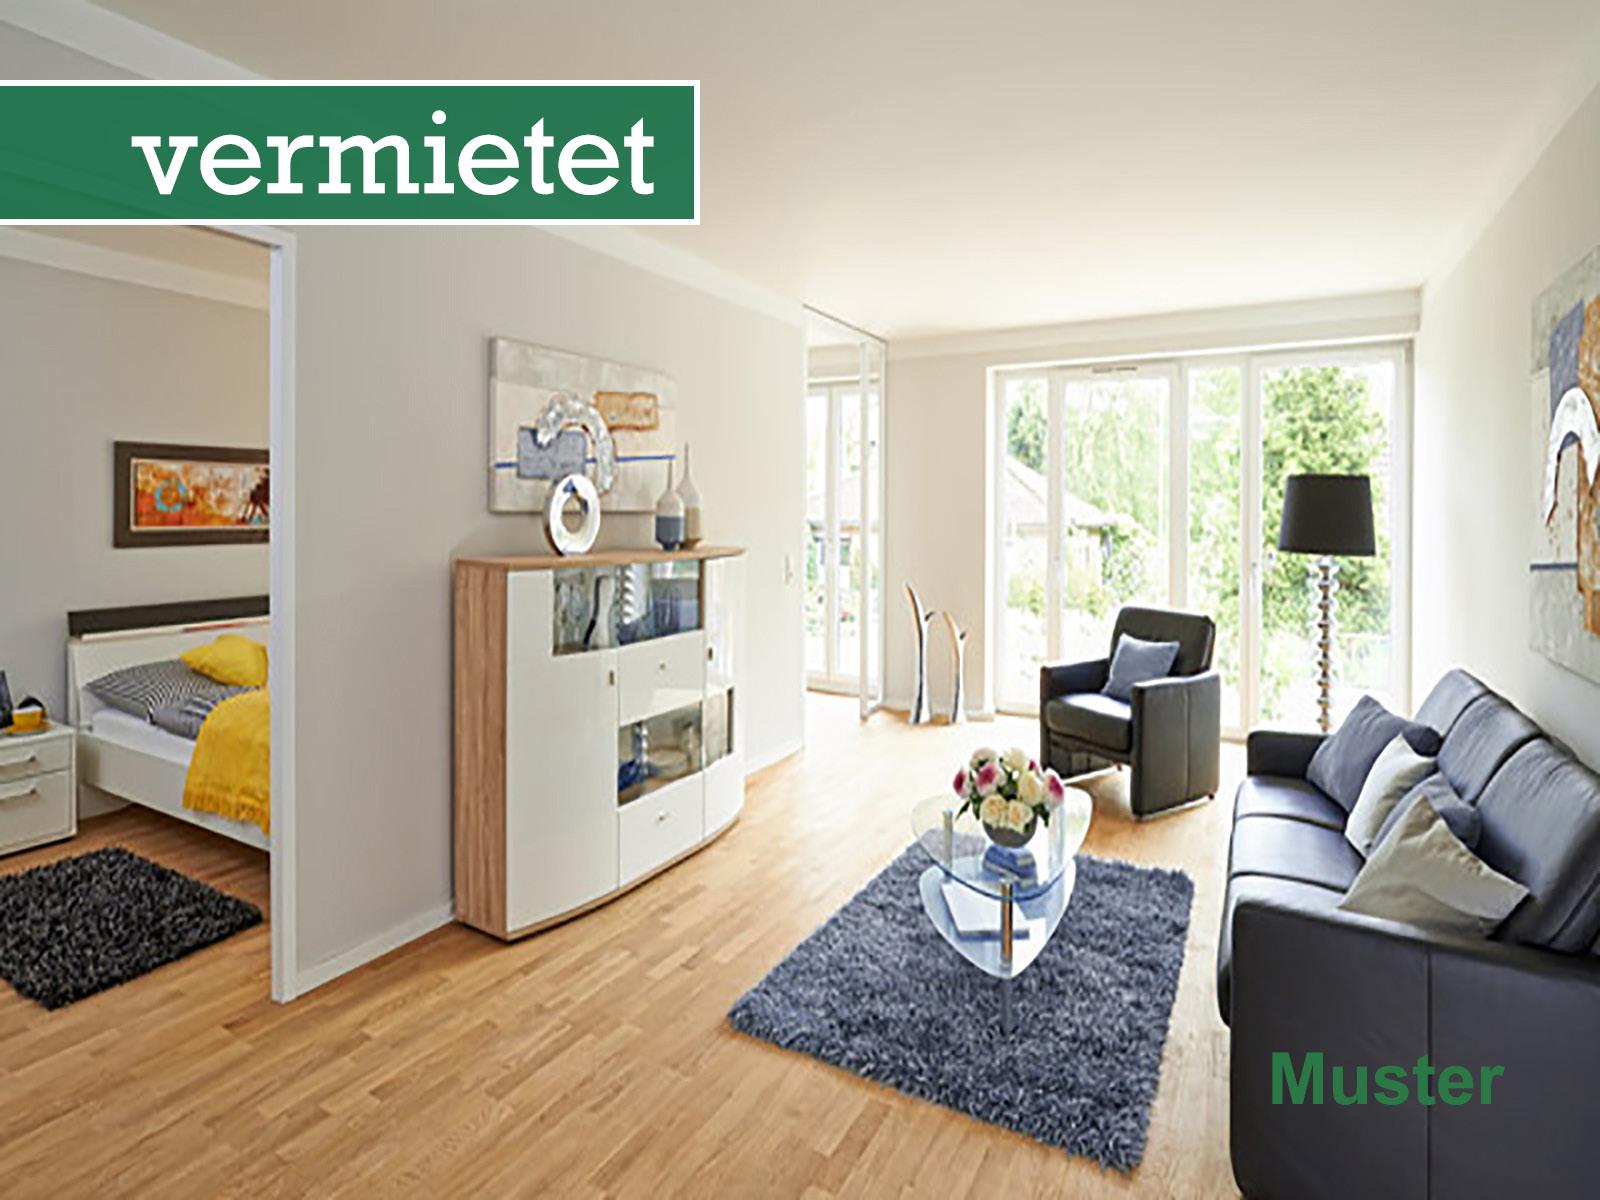 ds immobilien sie suchen eine individuelle 2 zimmer wohnung. Black Bedroom Furniture Sets. Home Design Ideas